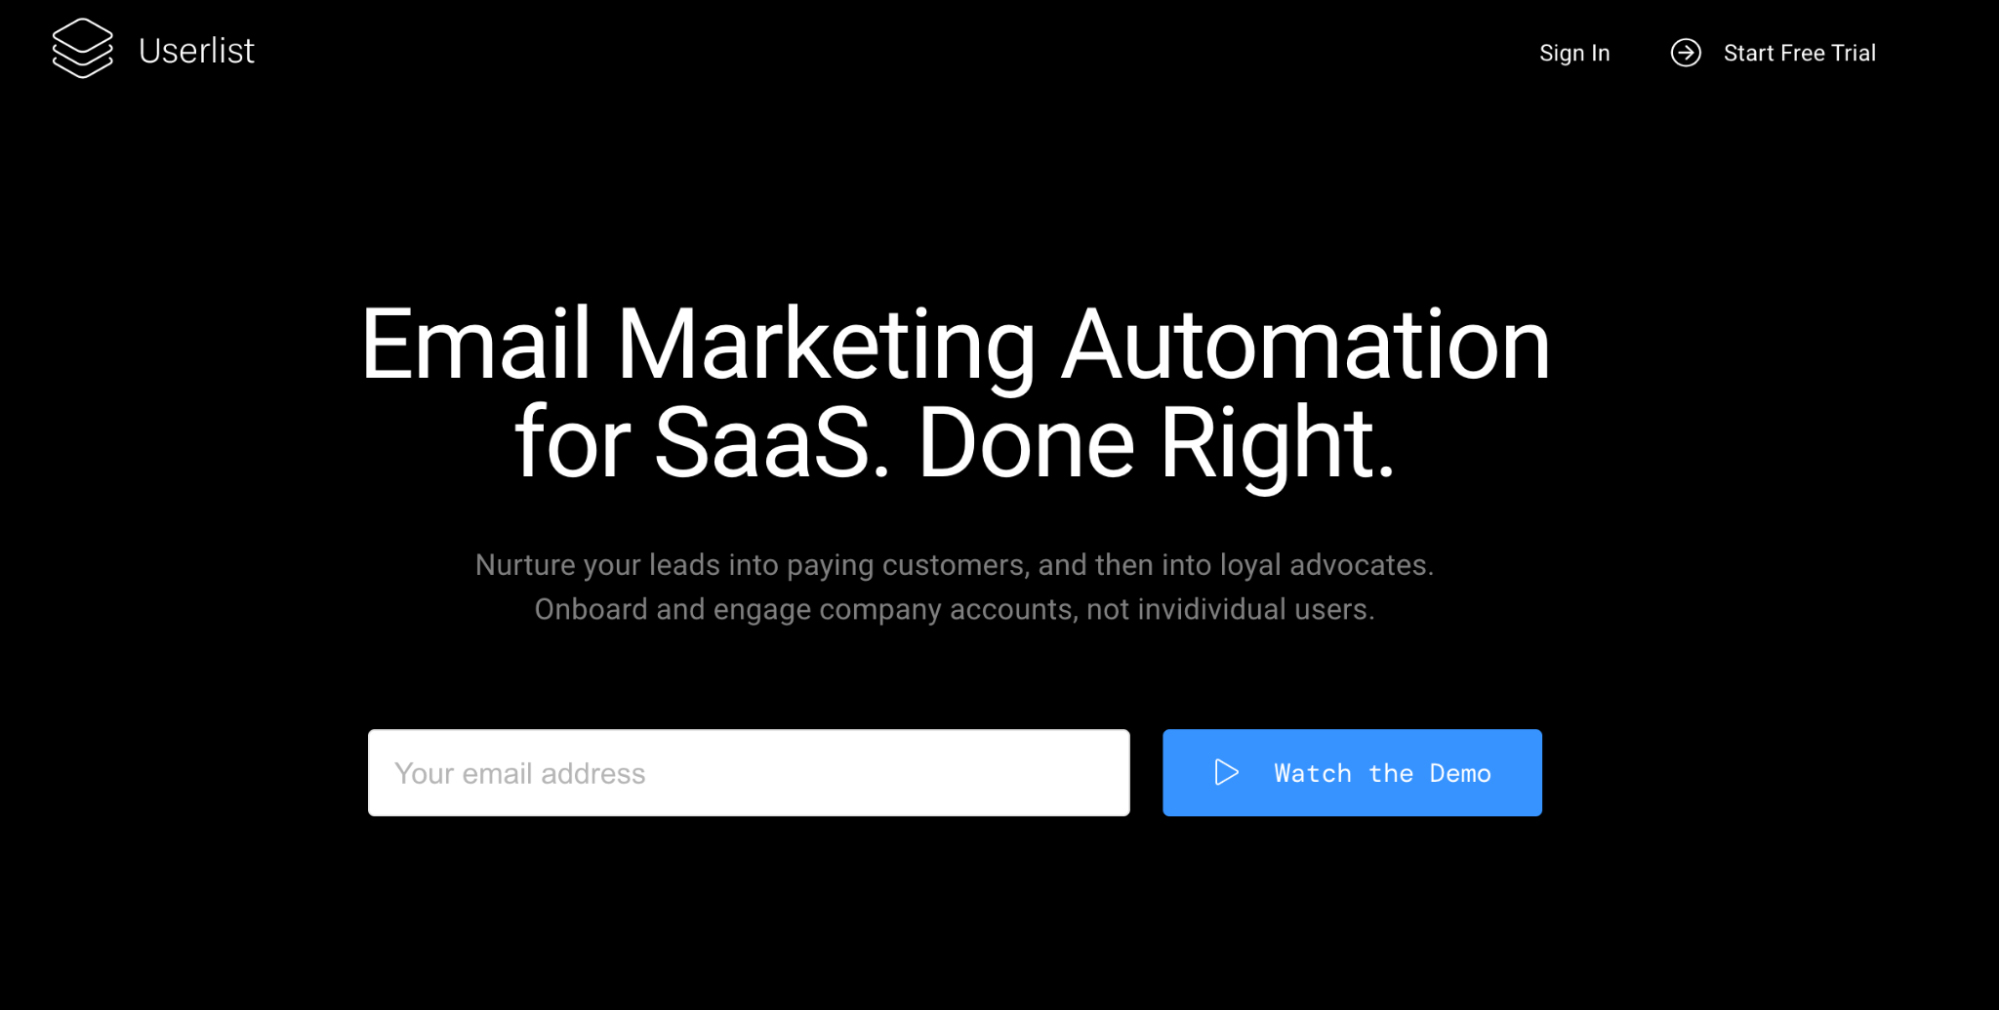 SaaS Marketing Automation Tools: Userlist Screenshot